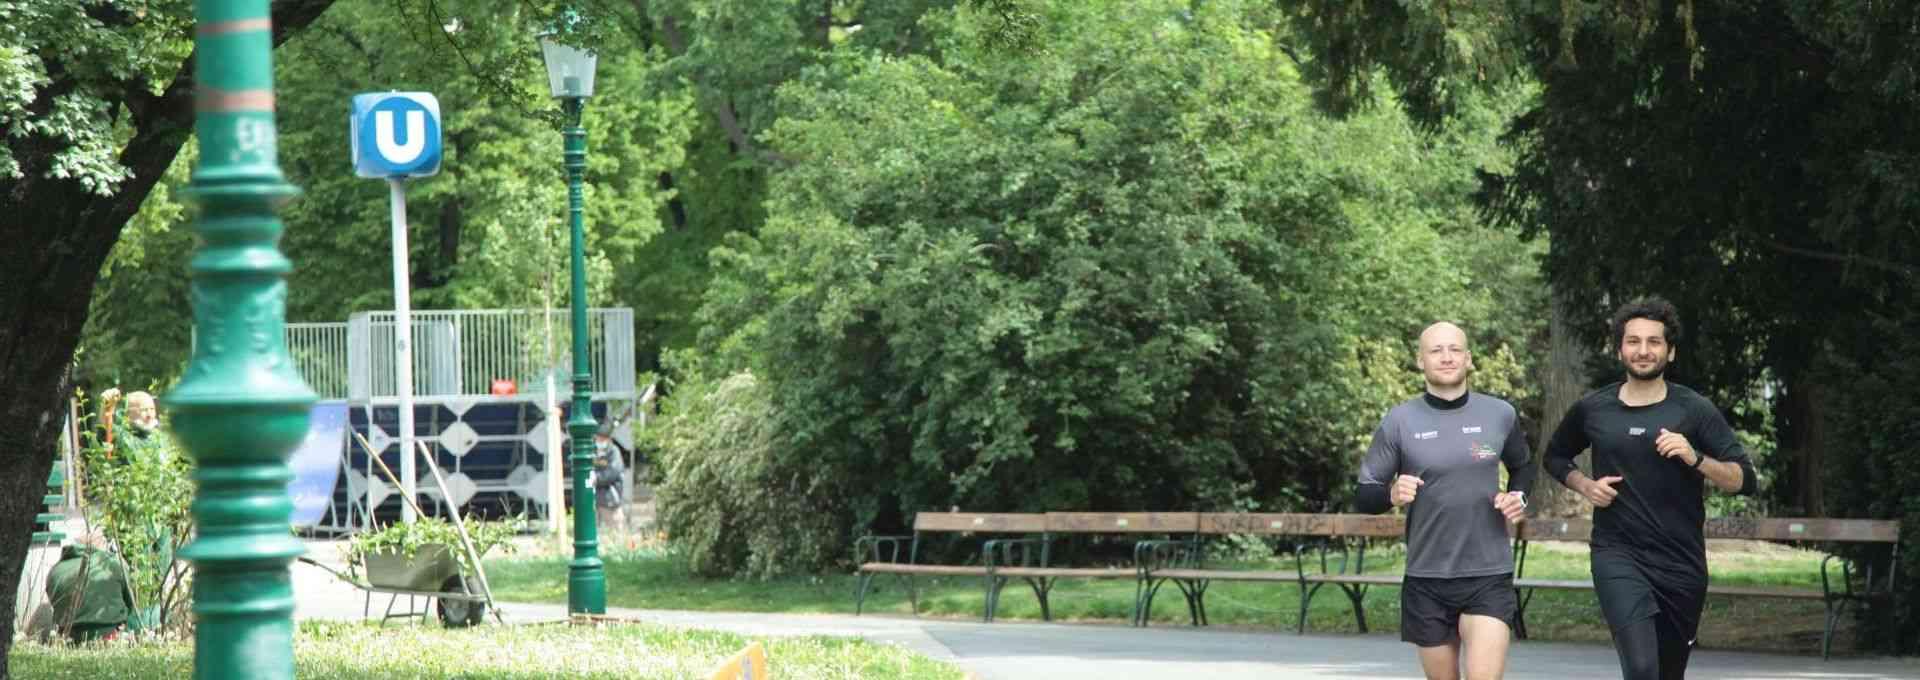 Julian und Burak im Stadtpark auf einer ihrer Wiener-Linien-Laufstrecken.